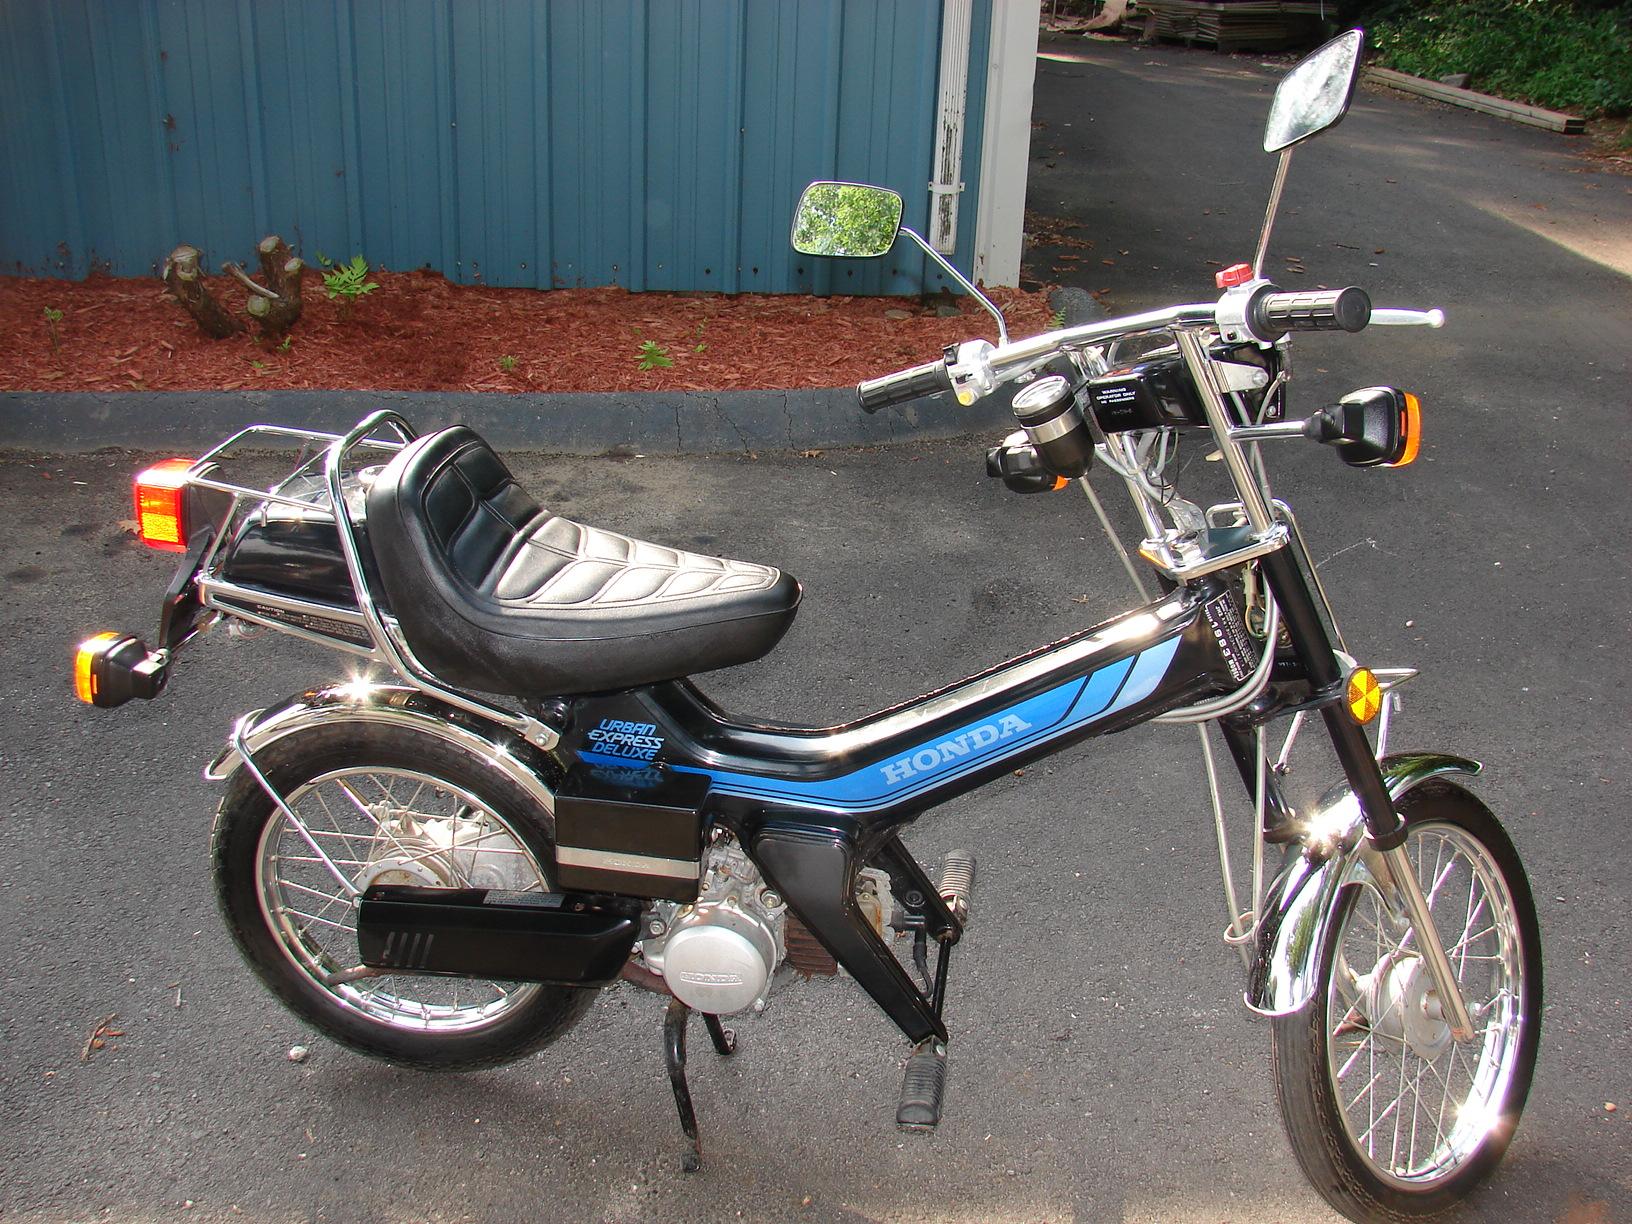 New Honda Vario Techno 125 PGM-FI Specs - The Motorcycle